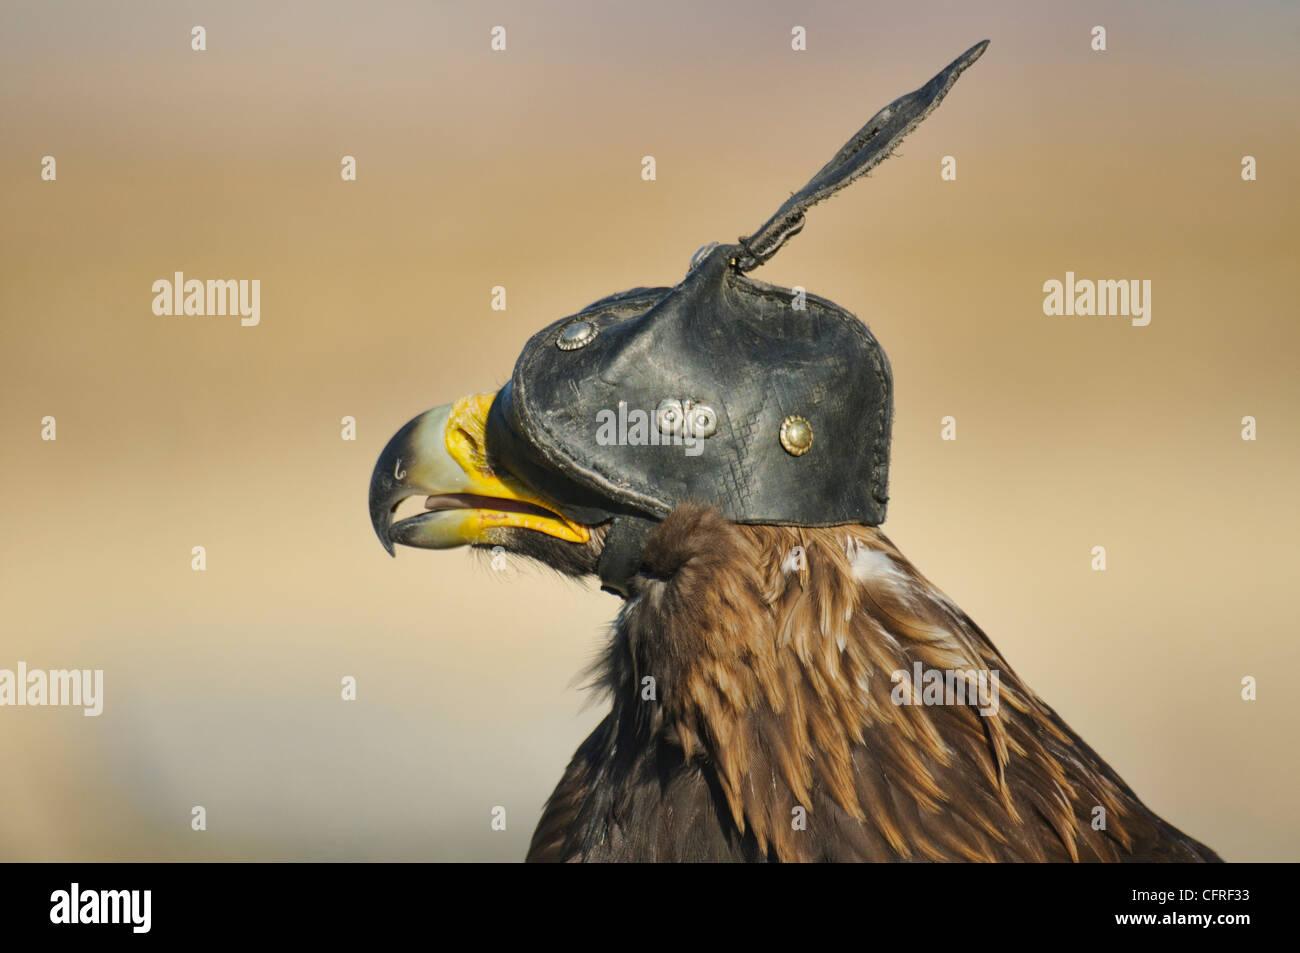 Ein kasachischer Adler Jäger Steinadler in der Altai-Region von Bayan-Ölgii in der westlichen Mongolei Stockbild